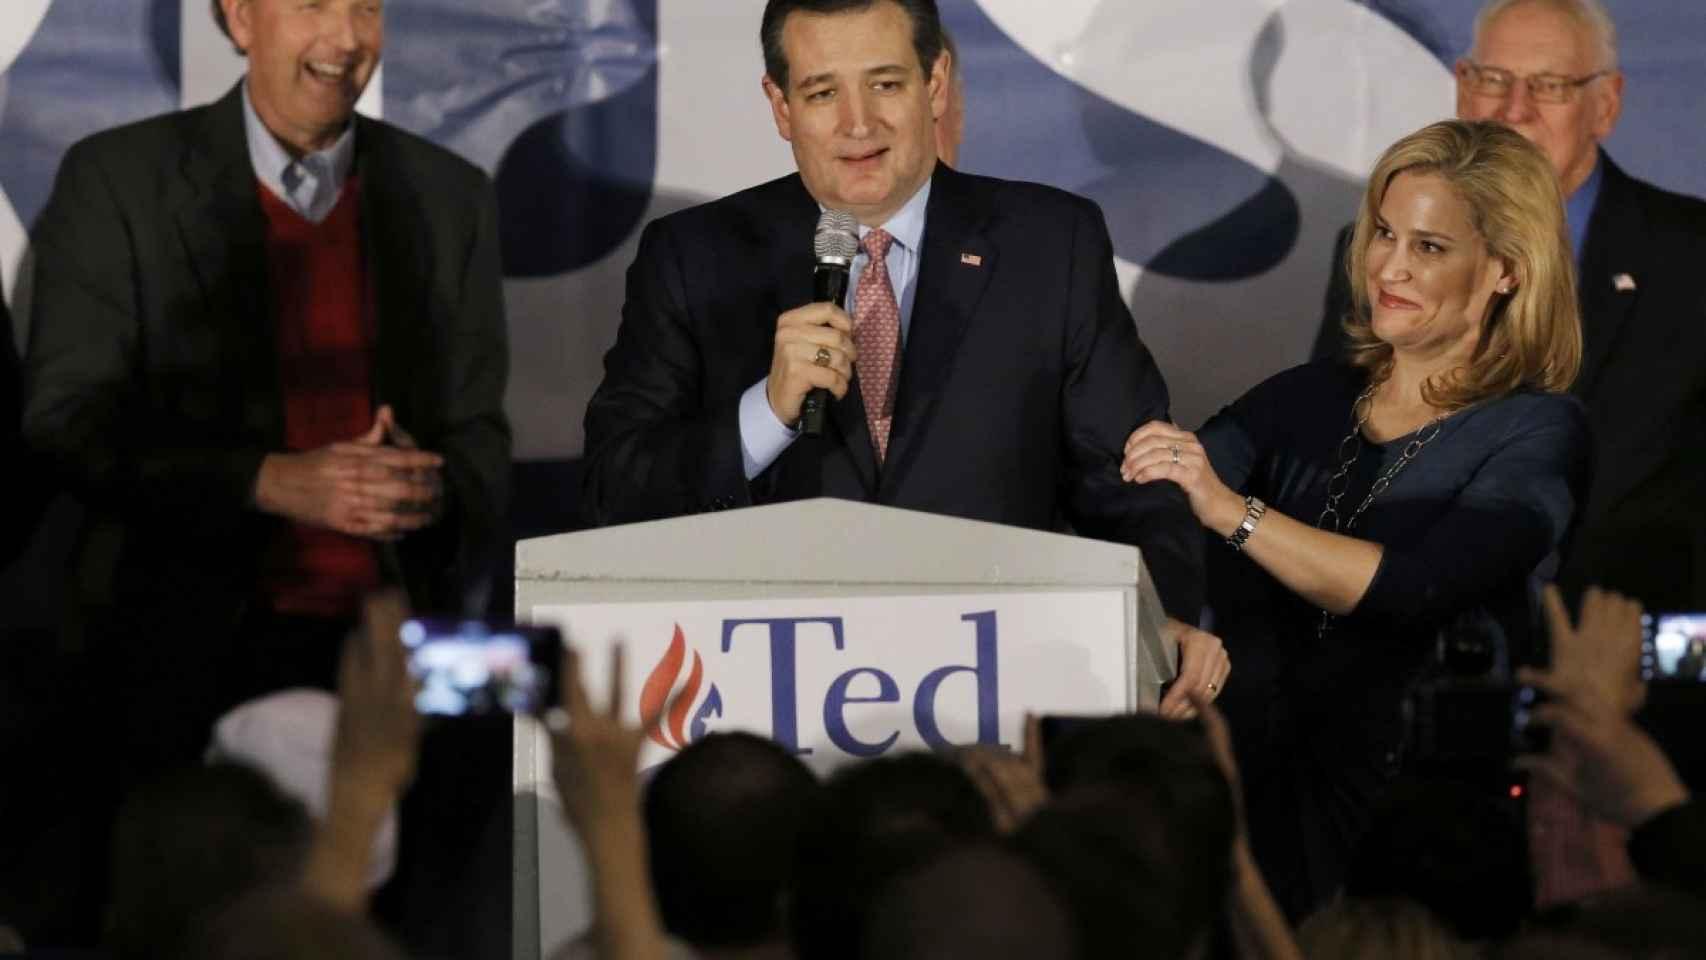 Ted Cruz habla a los votantes de Iowa, con su mujer Heidi Cruz a su lado.